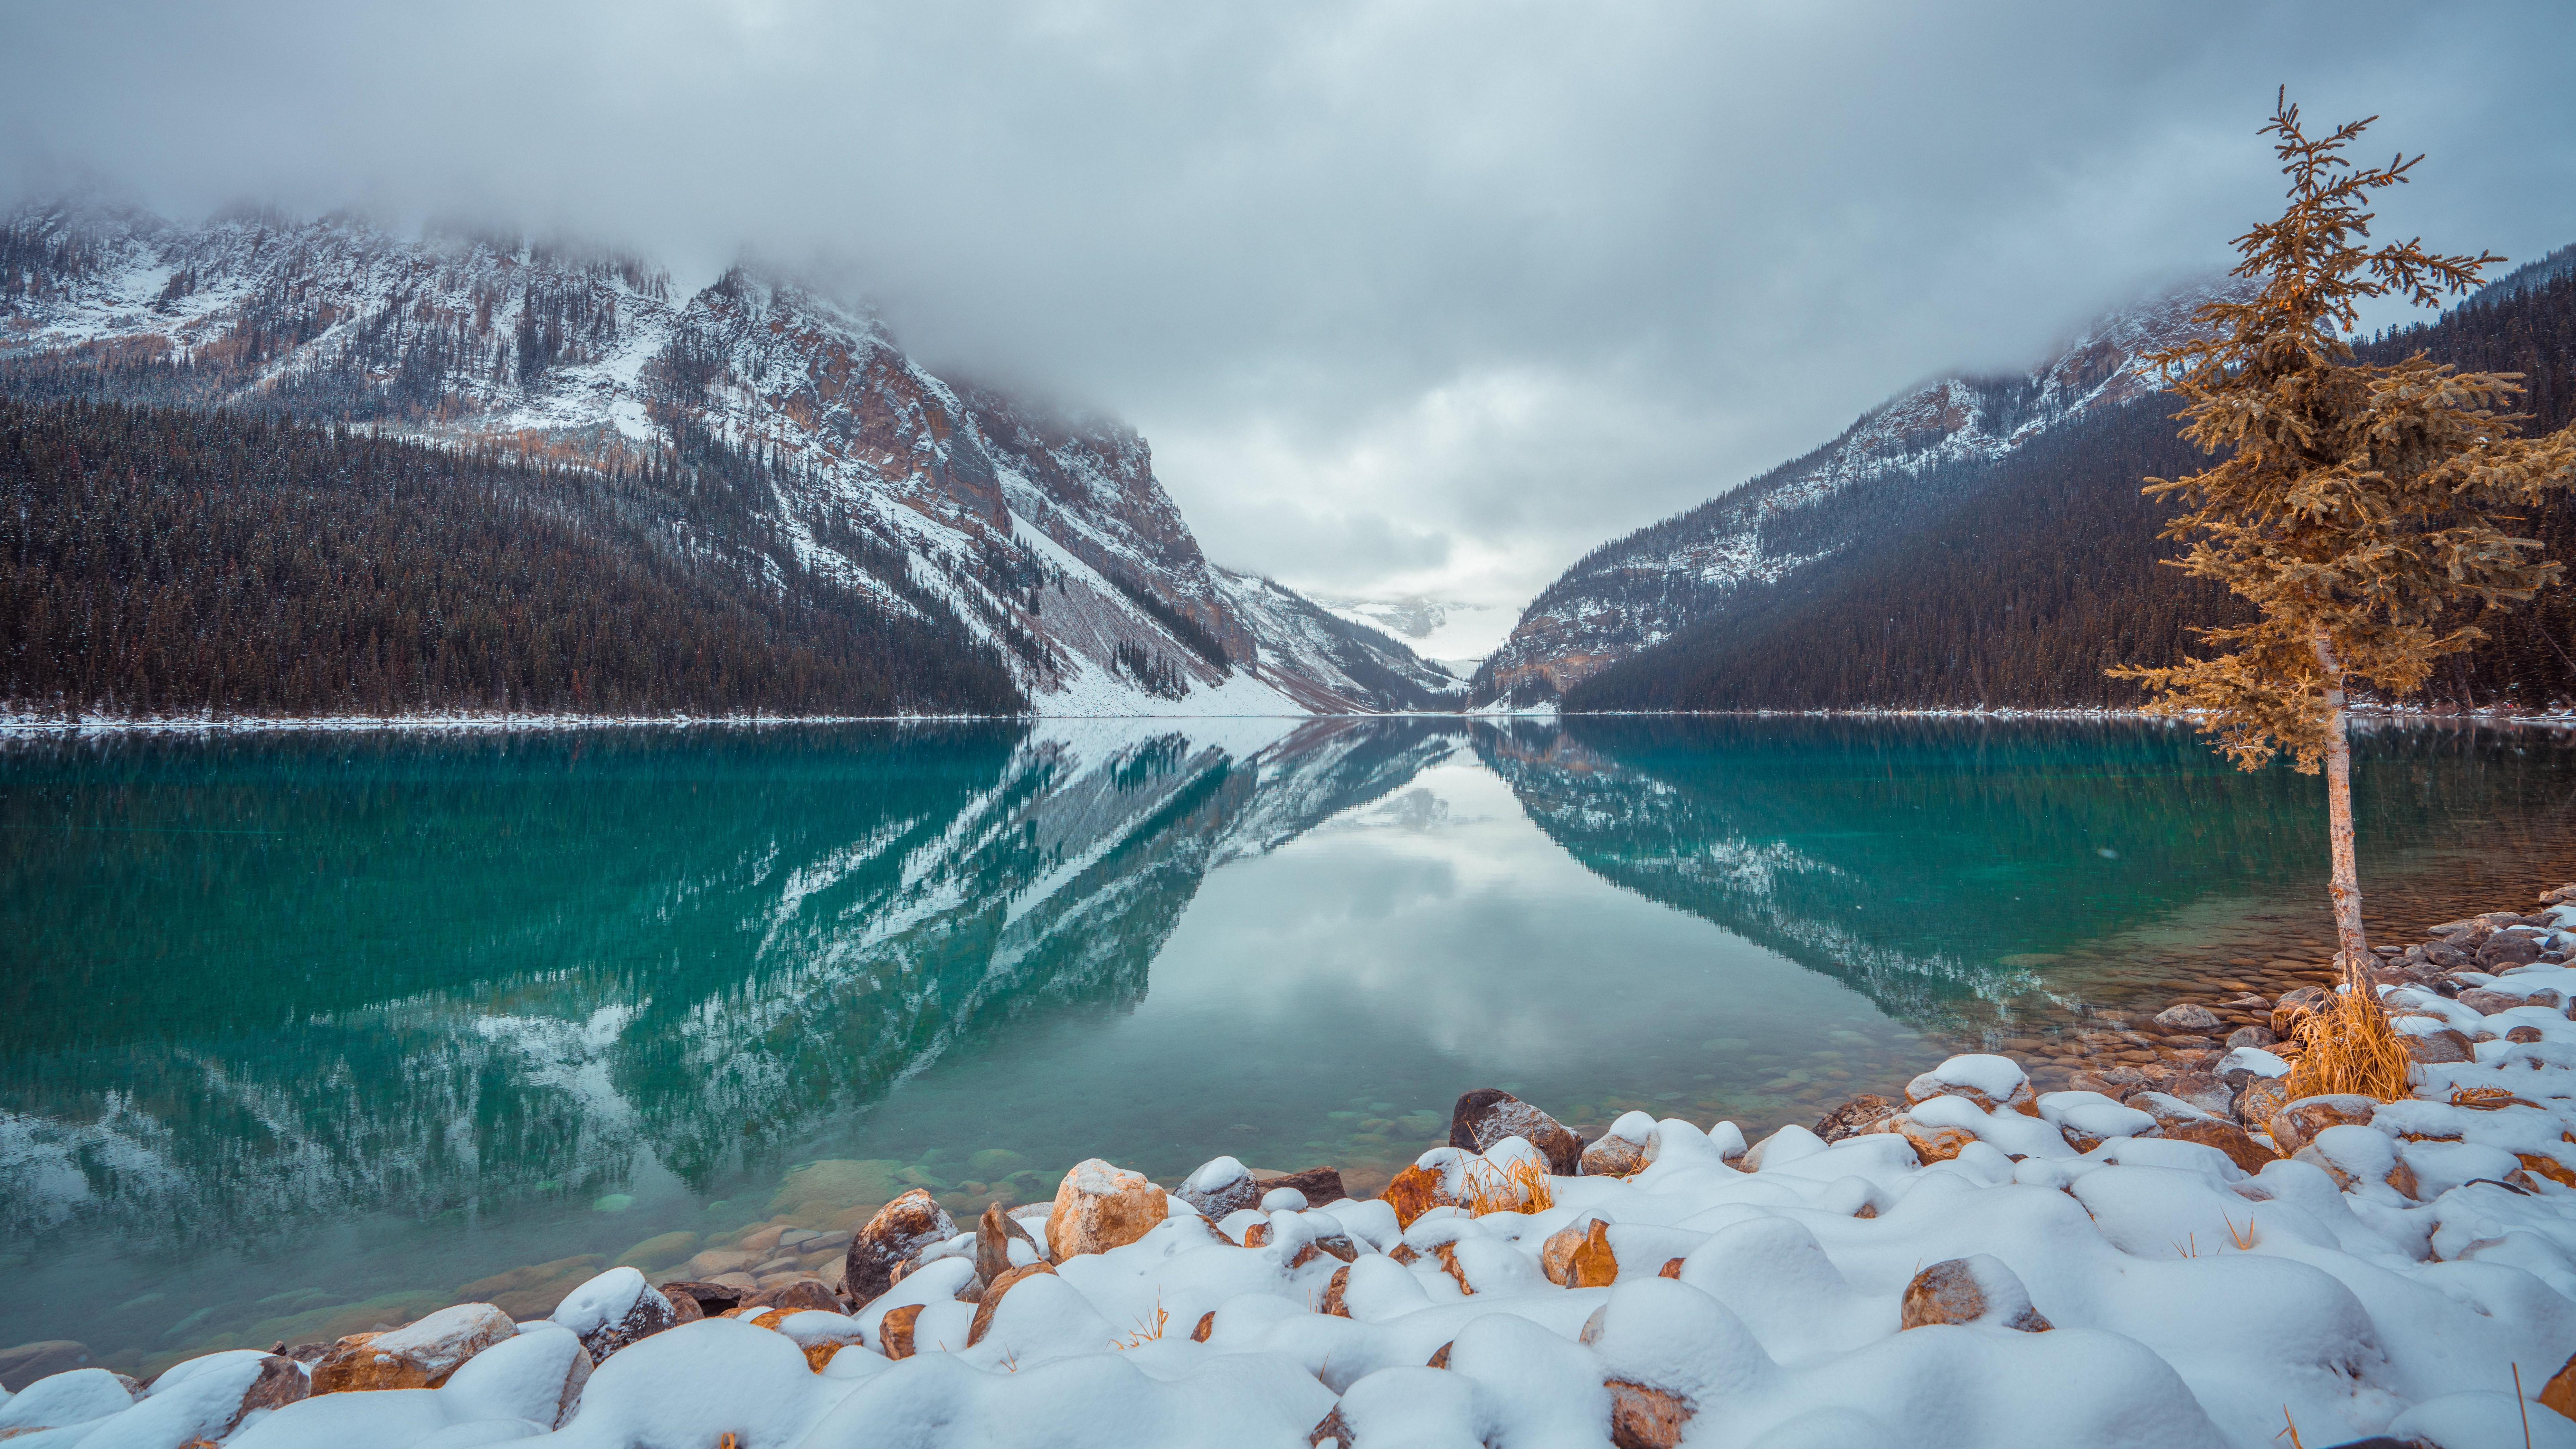 Lake Louise in Winter 8k Ultra HD